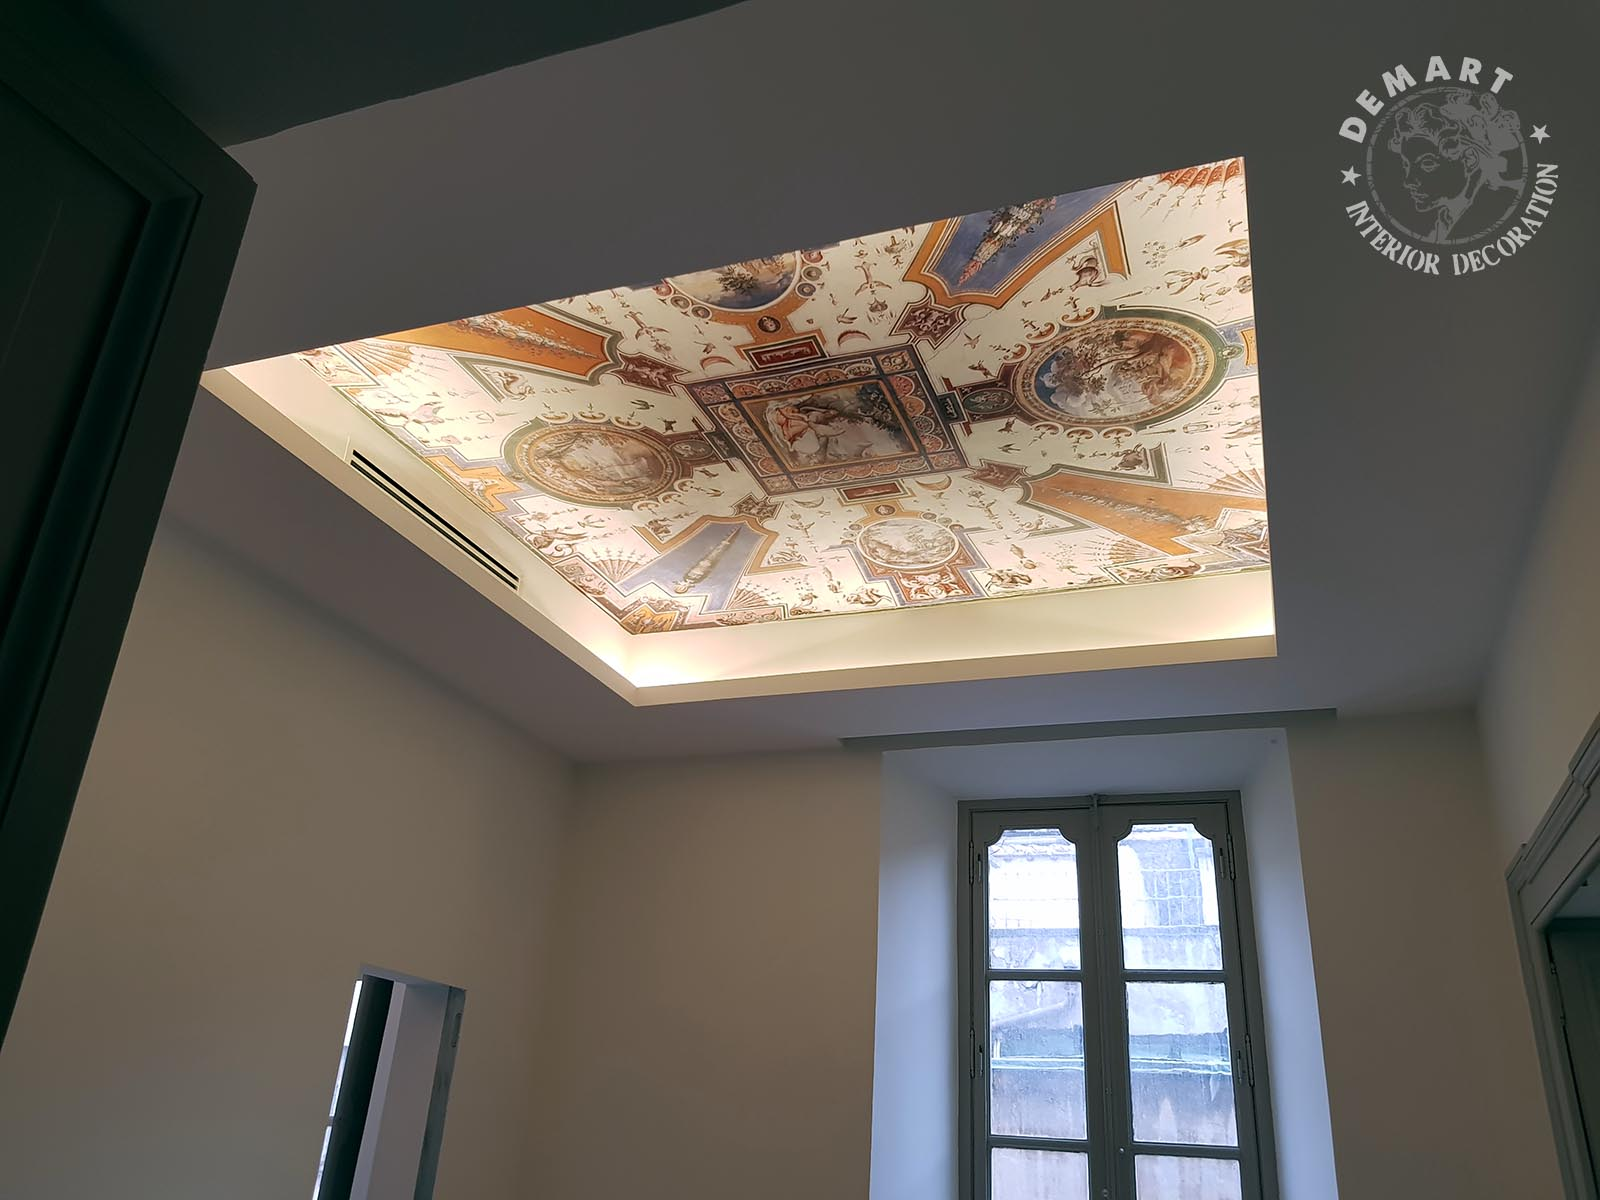 Progetto di decorazione di interni per appartamento a roma - Decorazione di interni ...